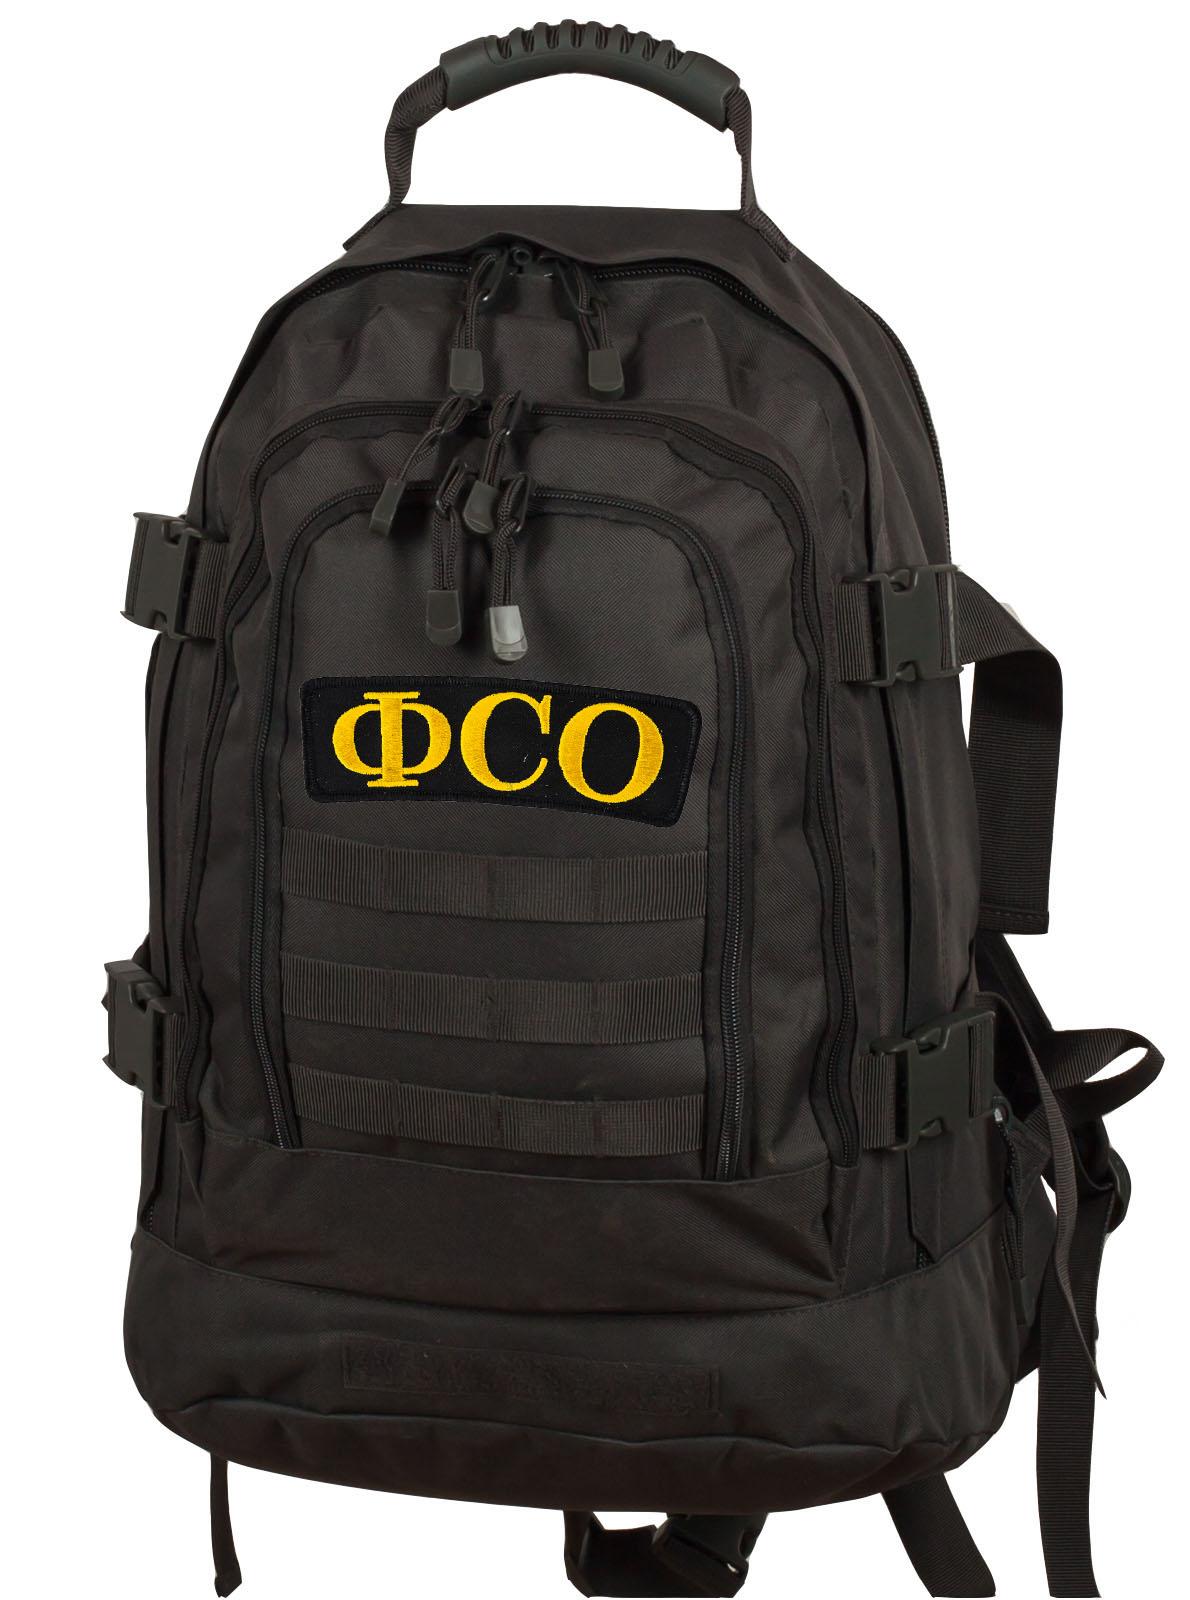 Рейдовый универсальный рюкзак ФСО - купить выгодно